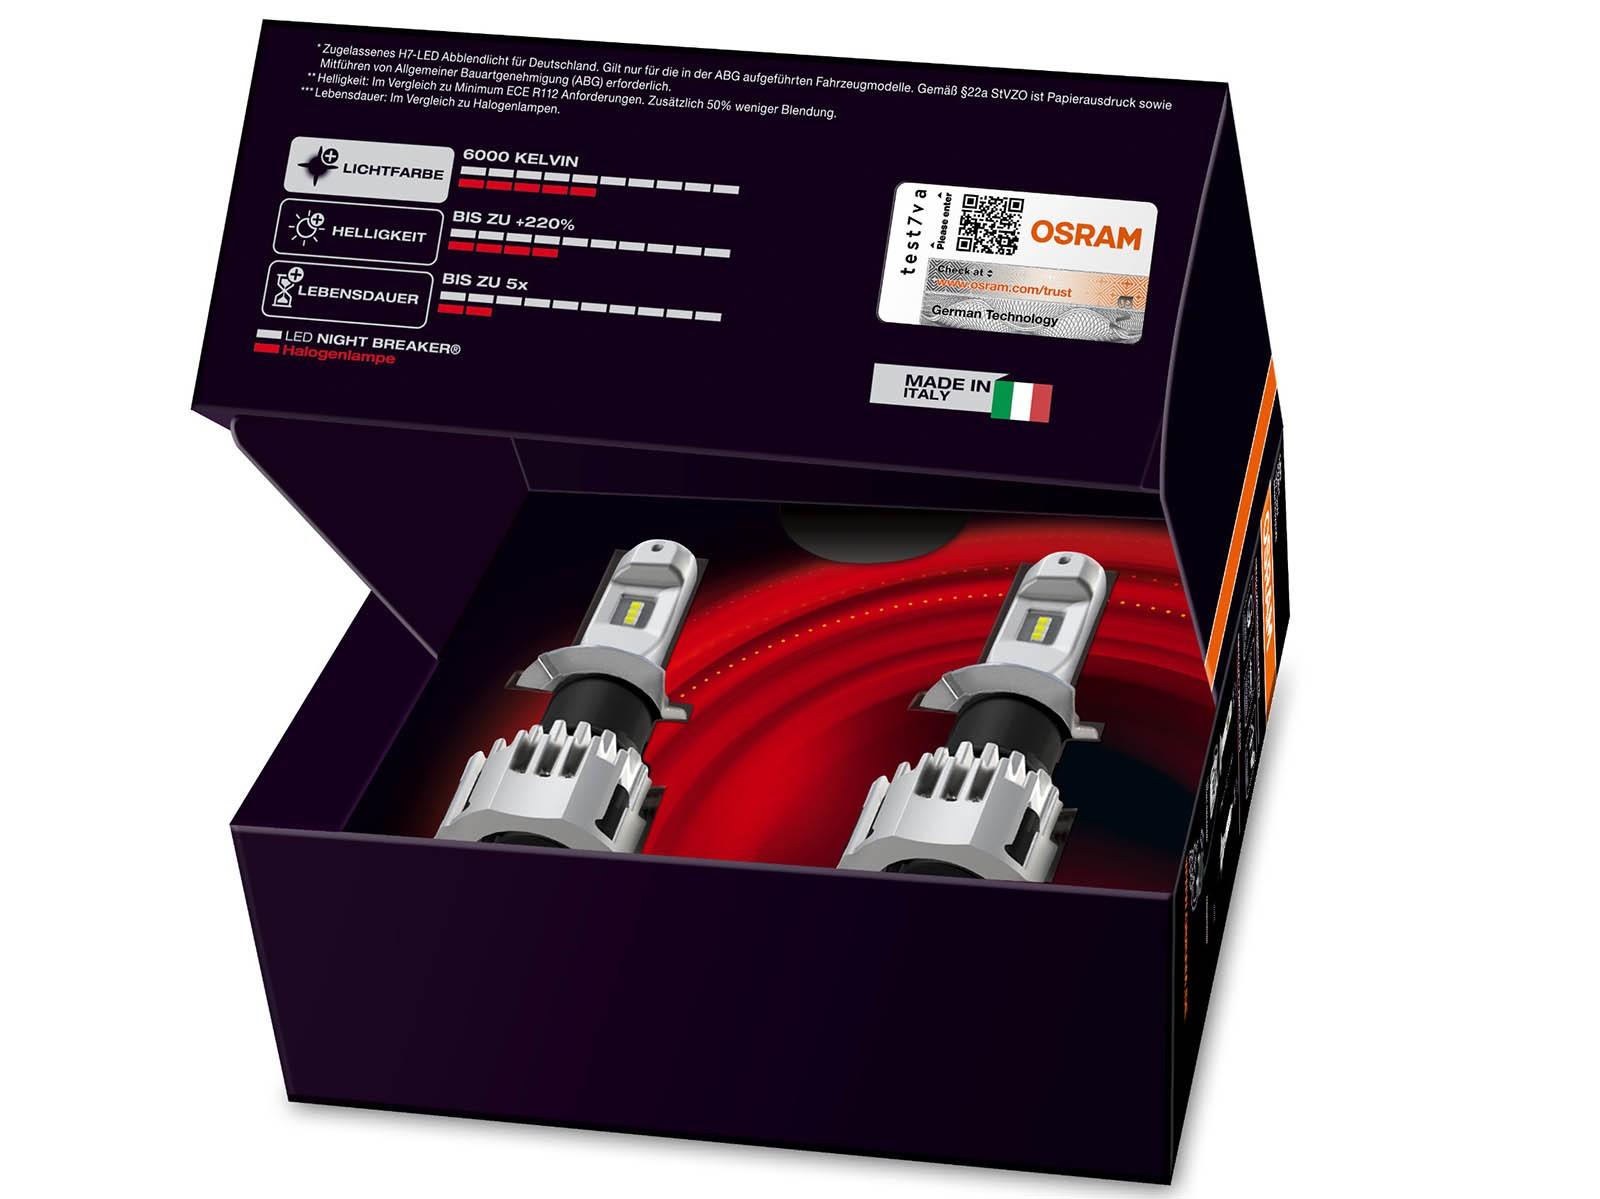 Osram Night Breaker LED: первая в мире светодиодная лампа, одобренная для дорог общего пользования.